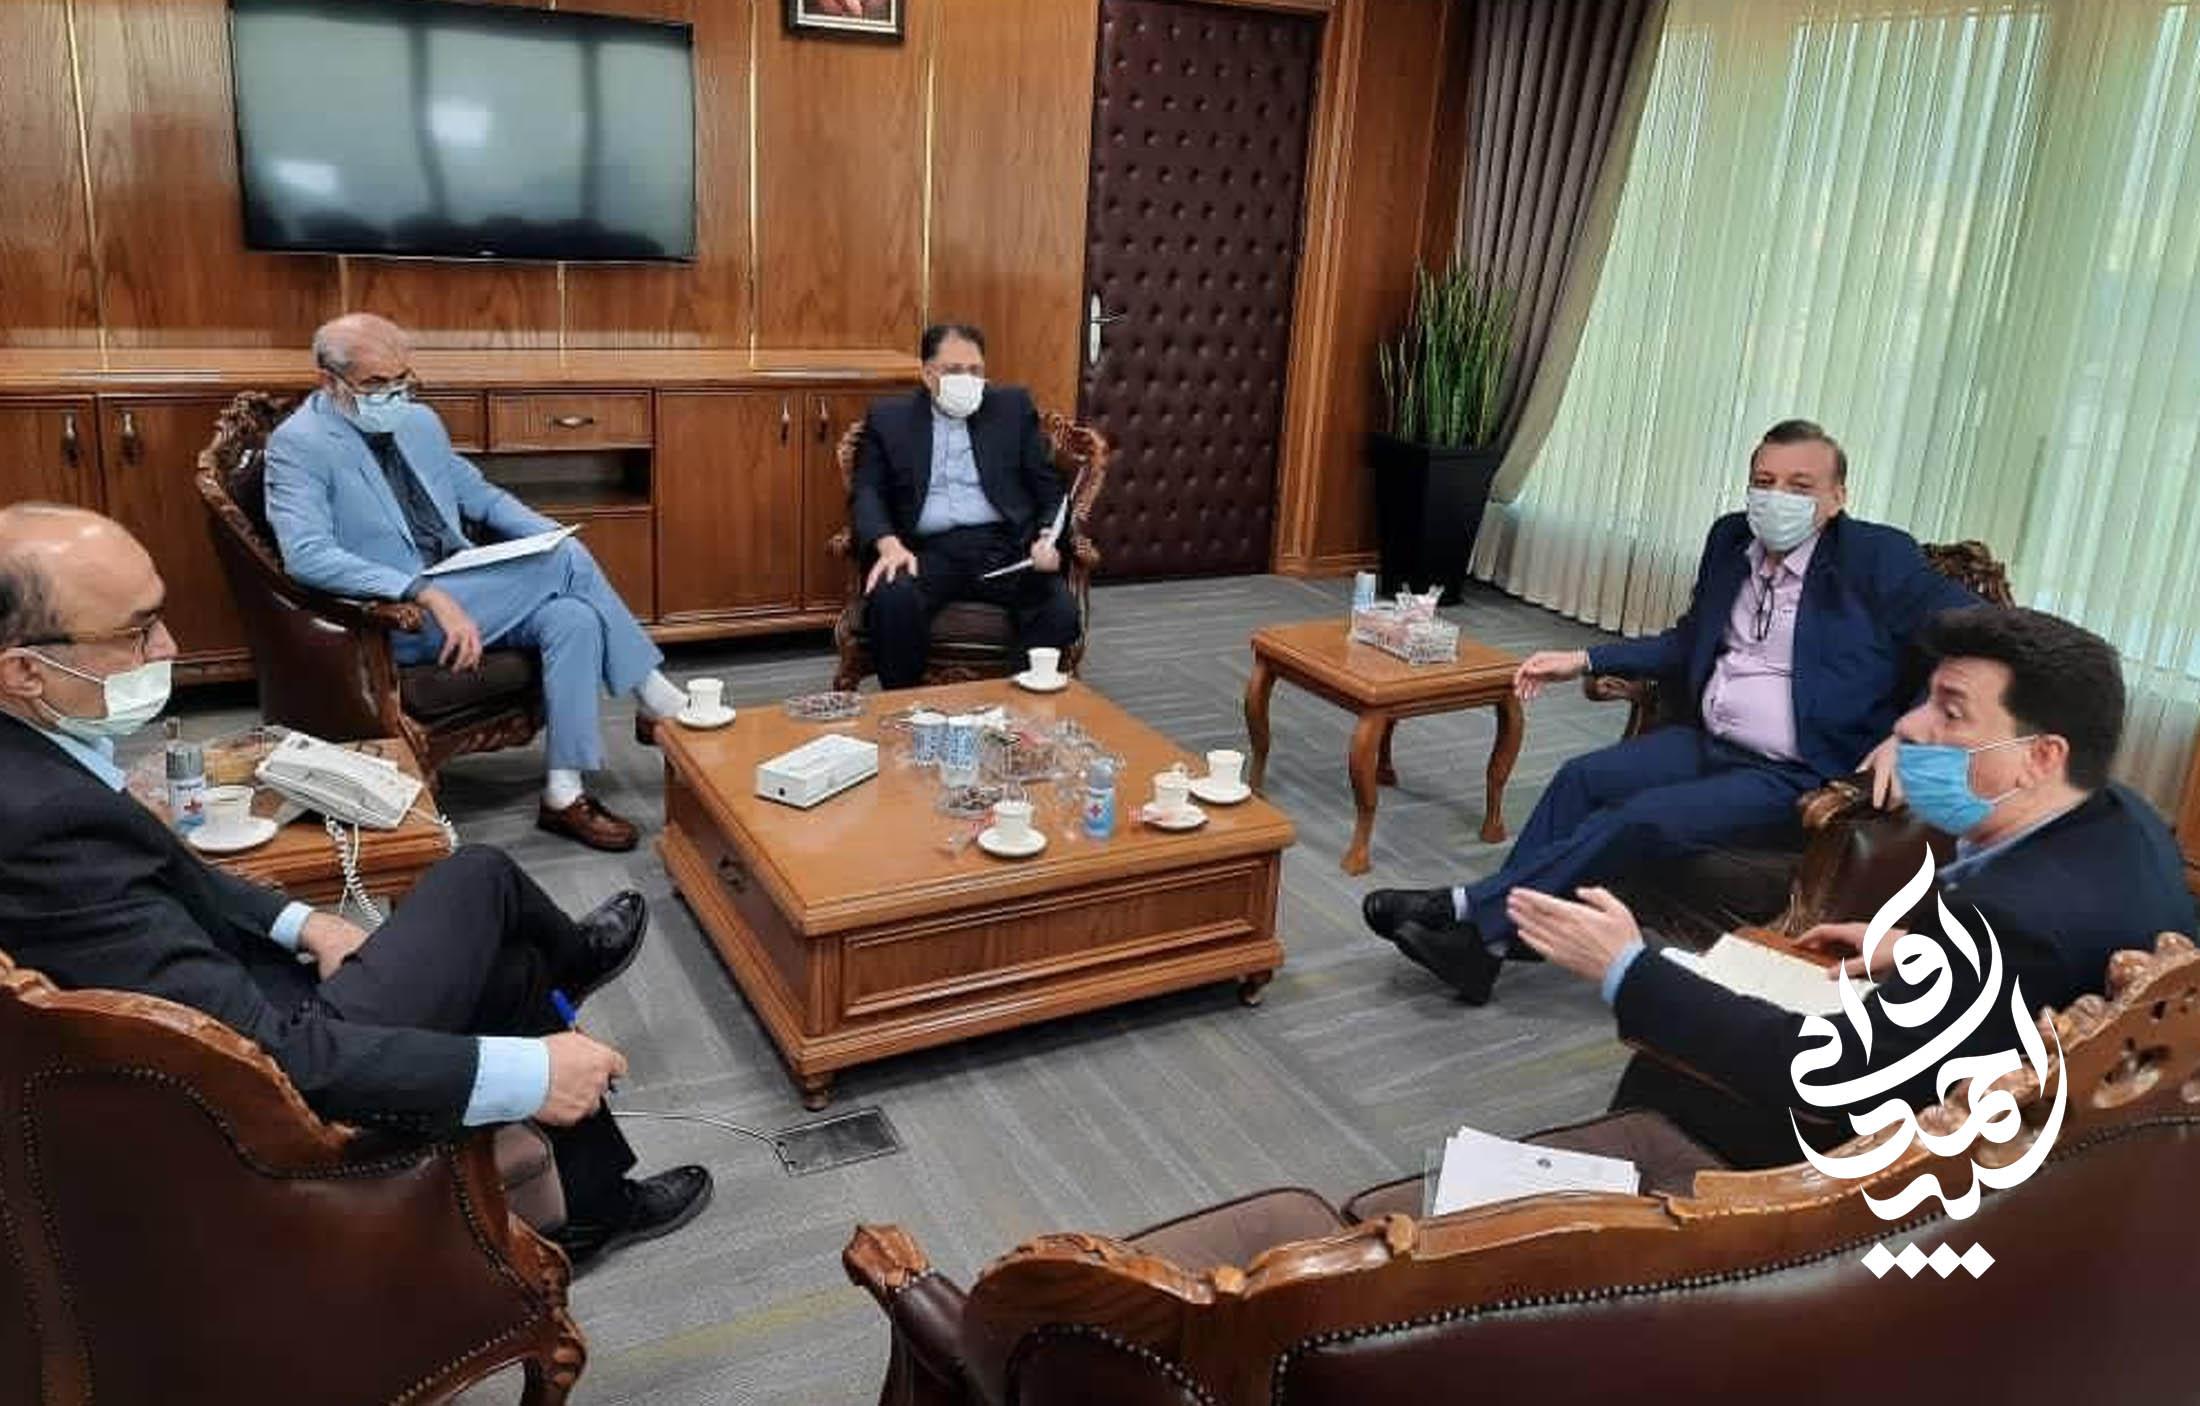 آوایی: شرکت های تولیدی دزفول باید مورد توجه سیستم بانکی قرار بگیرند